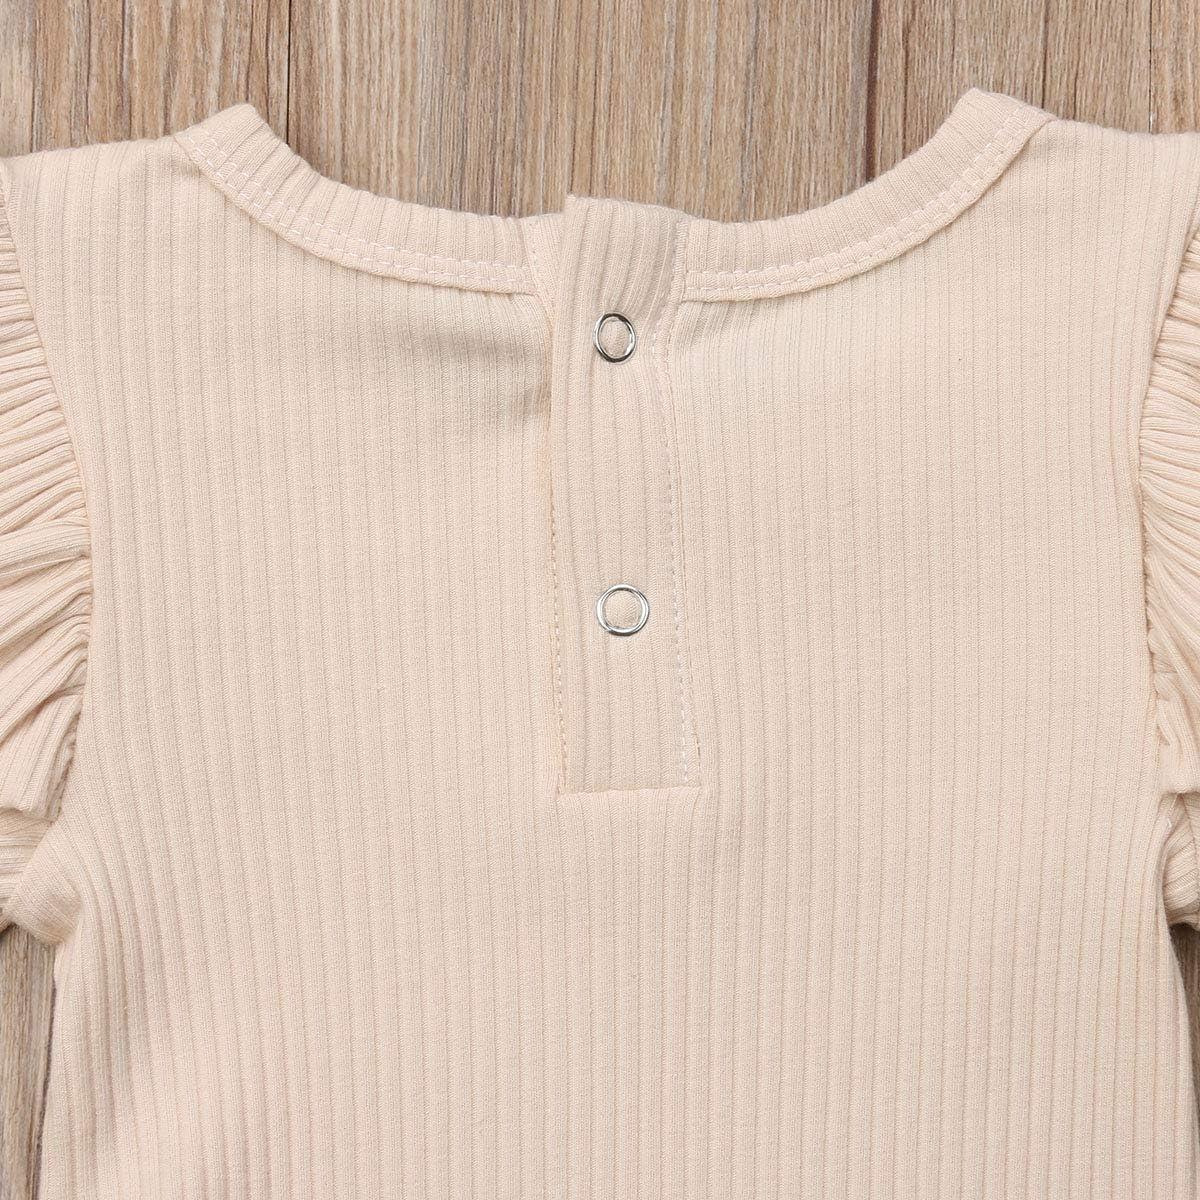 Baumwolle 0-24 Monate Carolilly Body Baby M/ädchen Strampler mit R/üschen Uni